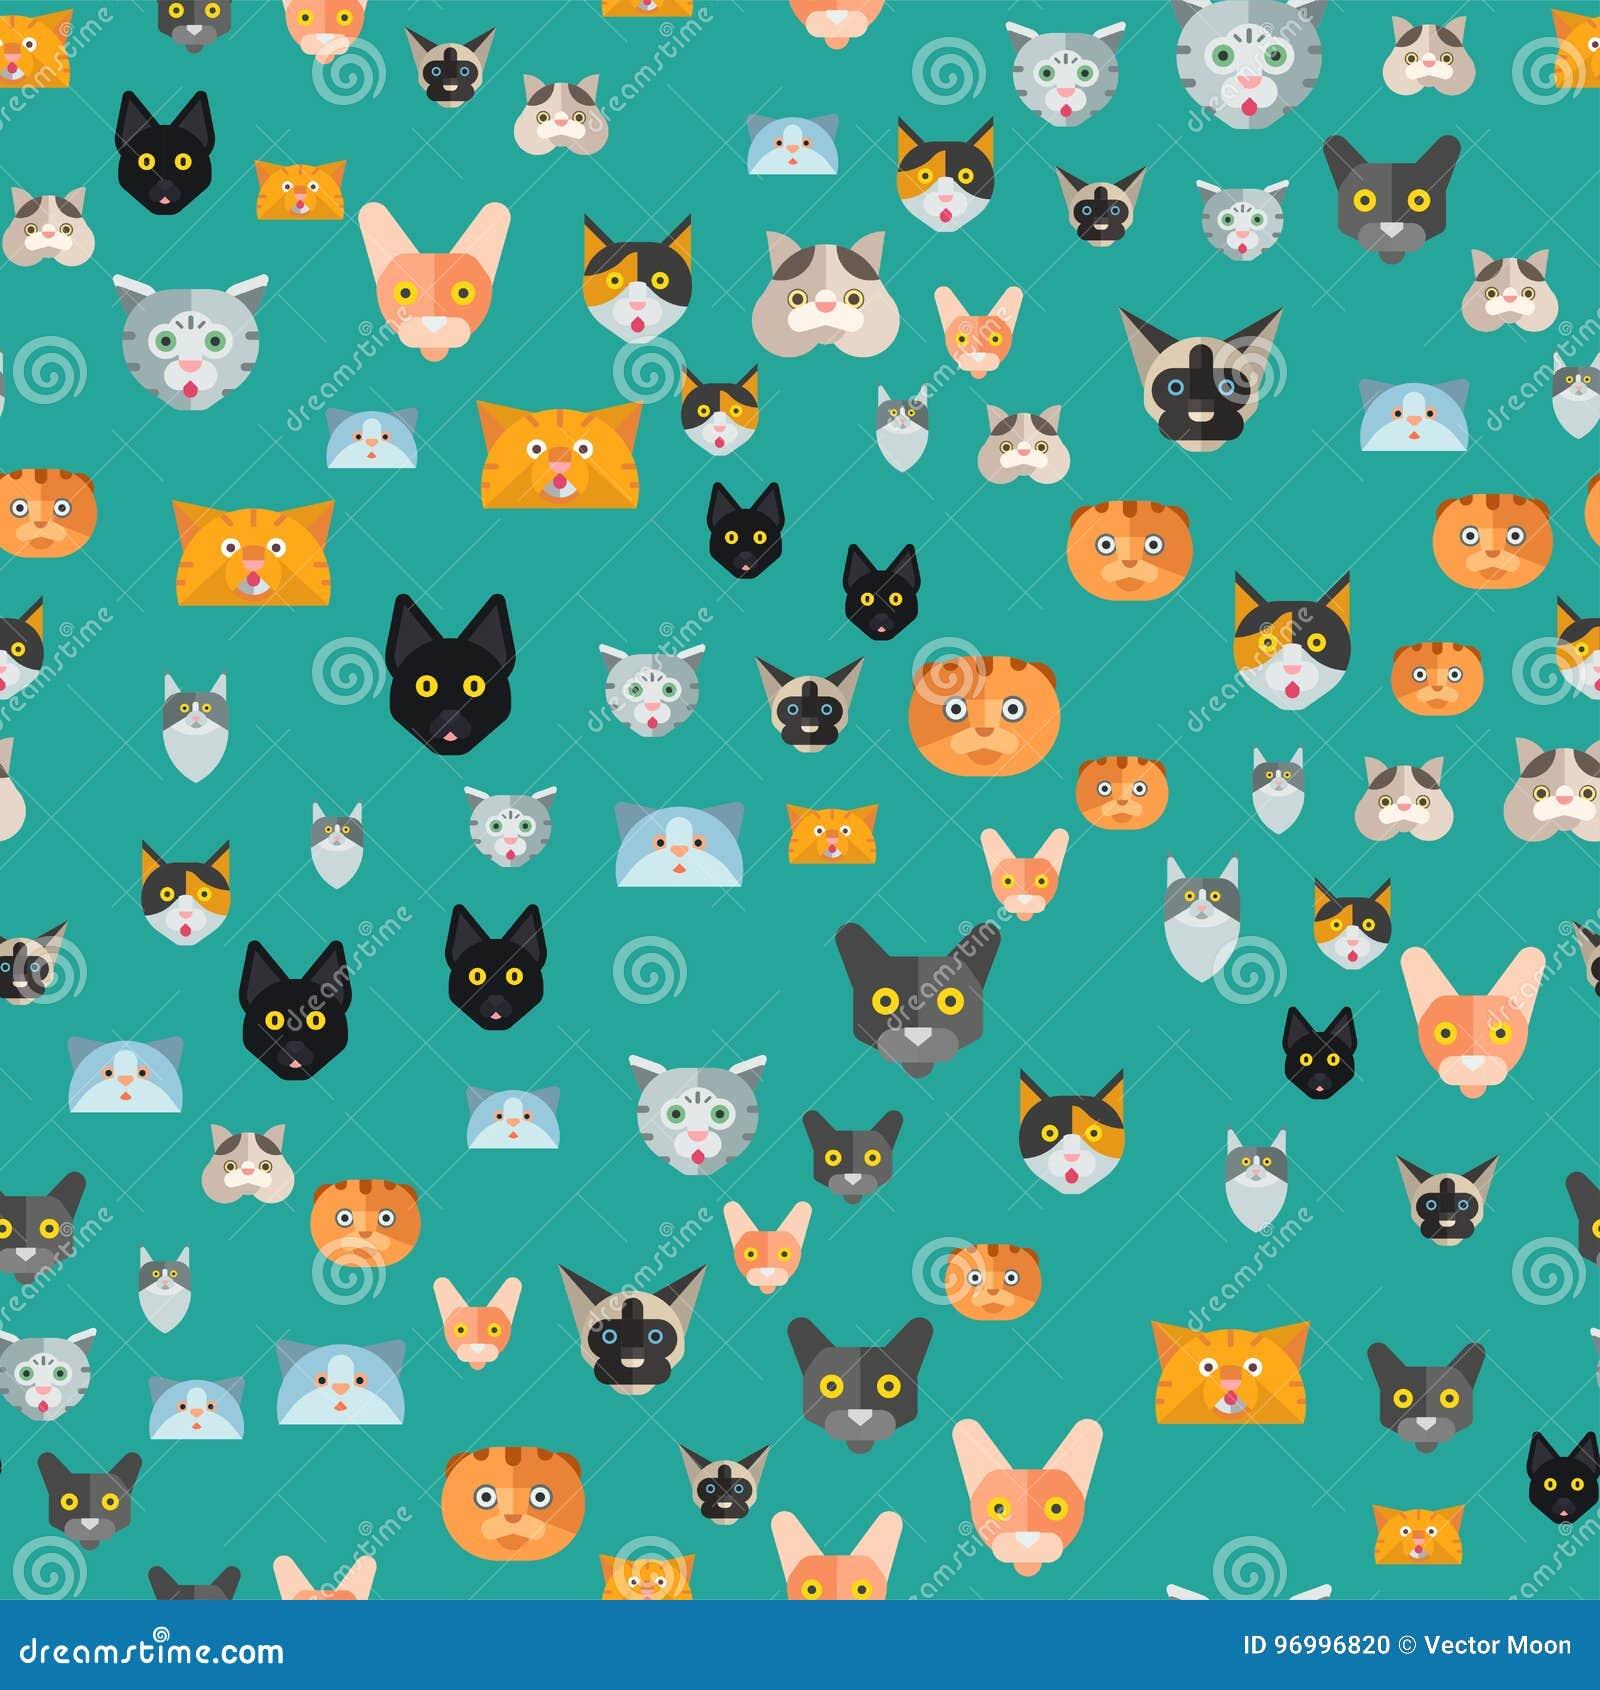 Характеров киски картины иллюстрации вектора котов любимчик милых животных безшовных смешных декоративных кошачий отечественный у